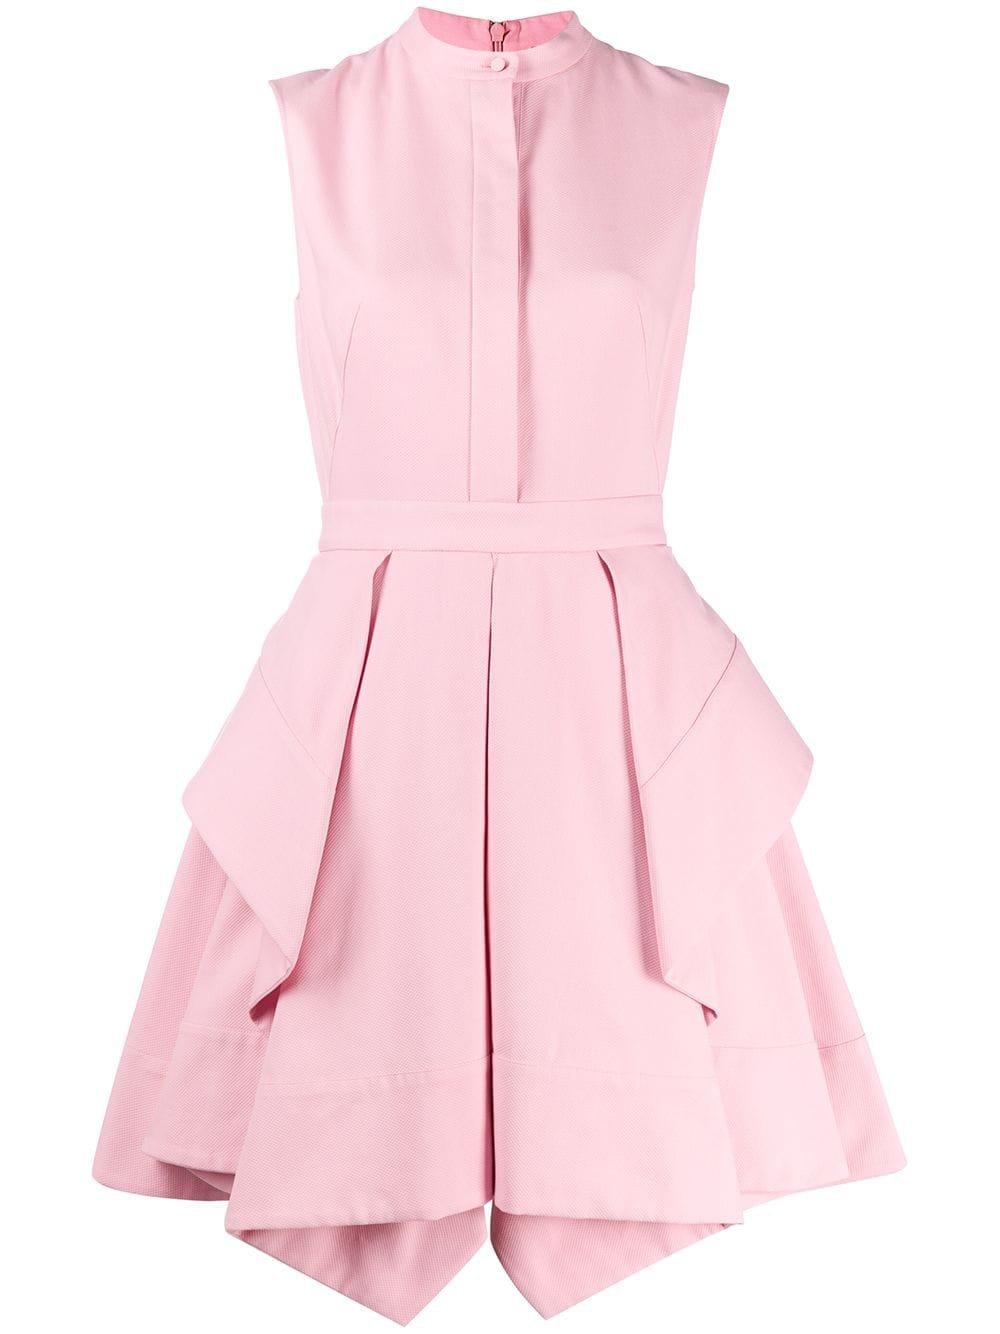 Alexander Mcqueen Draped Short Dress   Farfetch.com